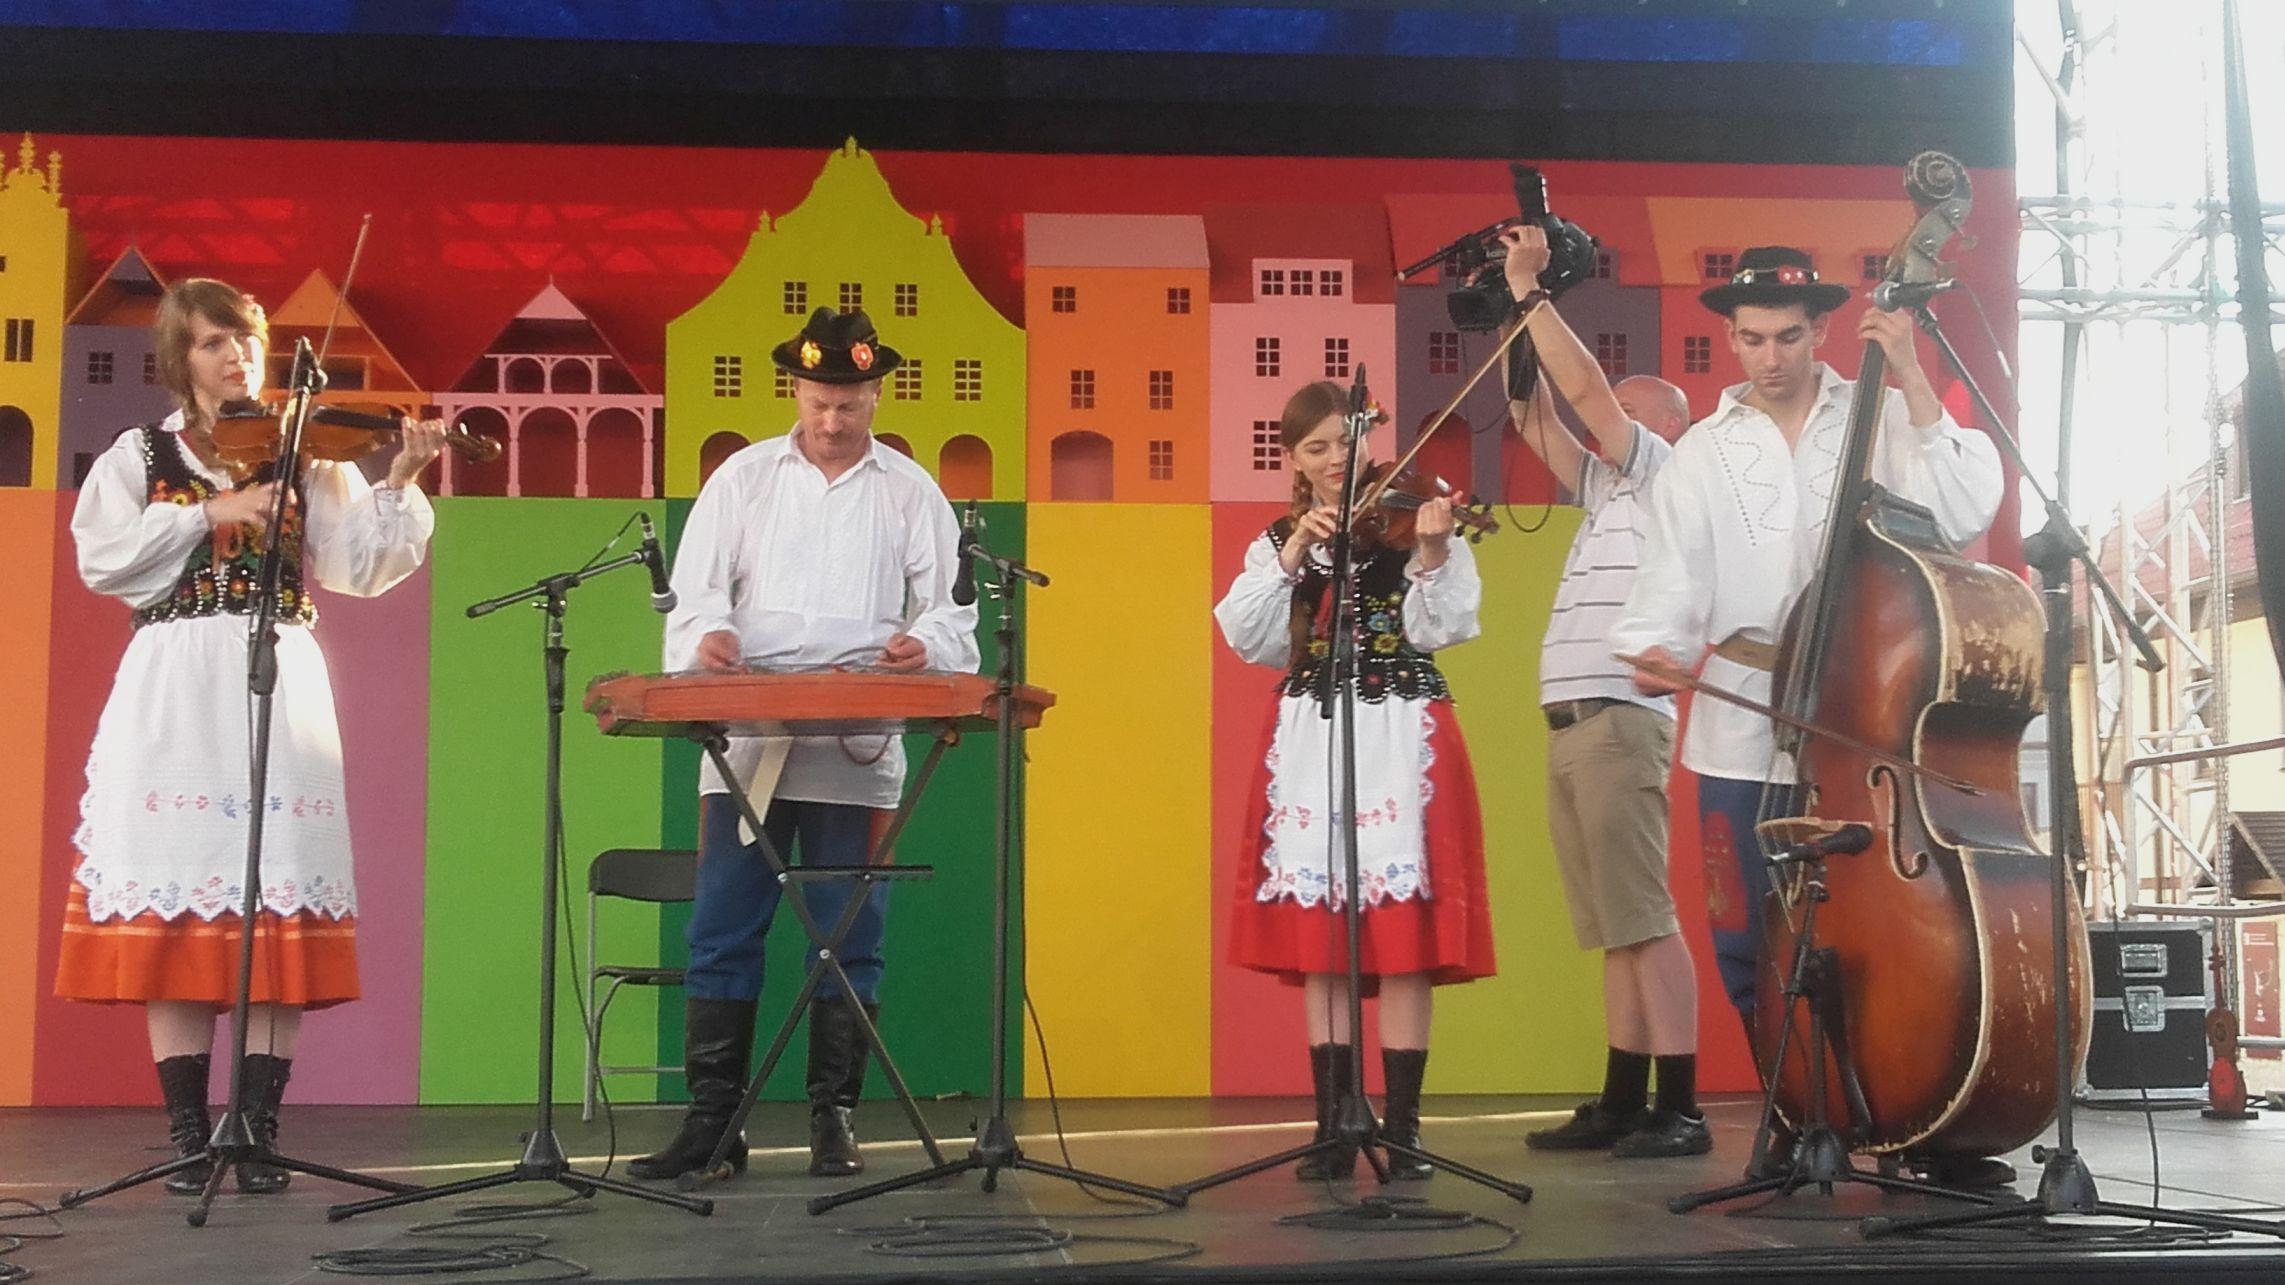 2016-06-25 Kazimierz Dolny - festiwal (99)